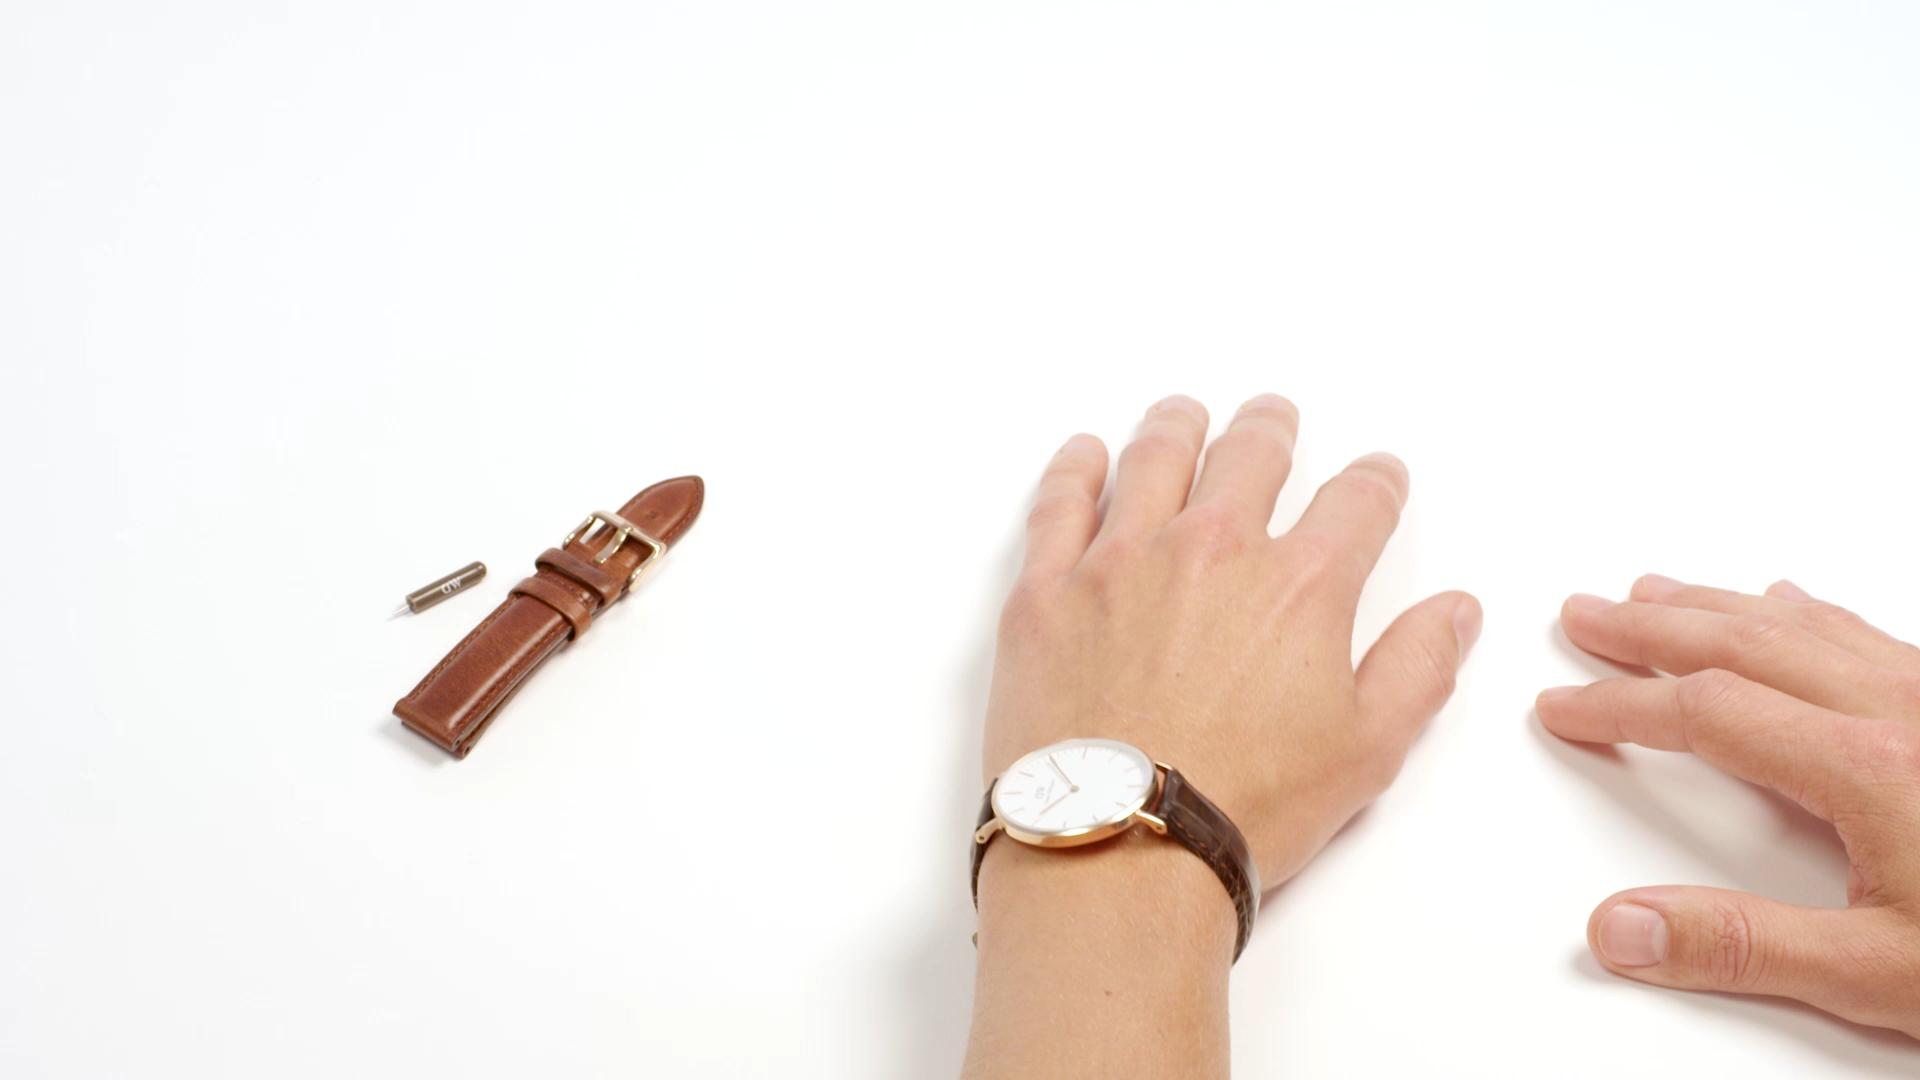 ダニエルウェリントンをご購入された際に付属されている、\u201dバネ棒外し\u201dと、腕時計、付け替えたいベルトをご用意してください。